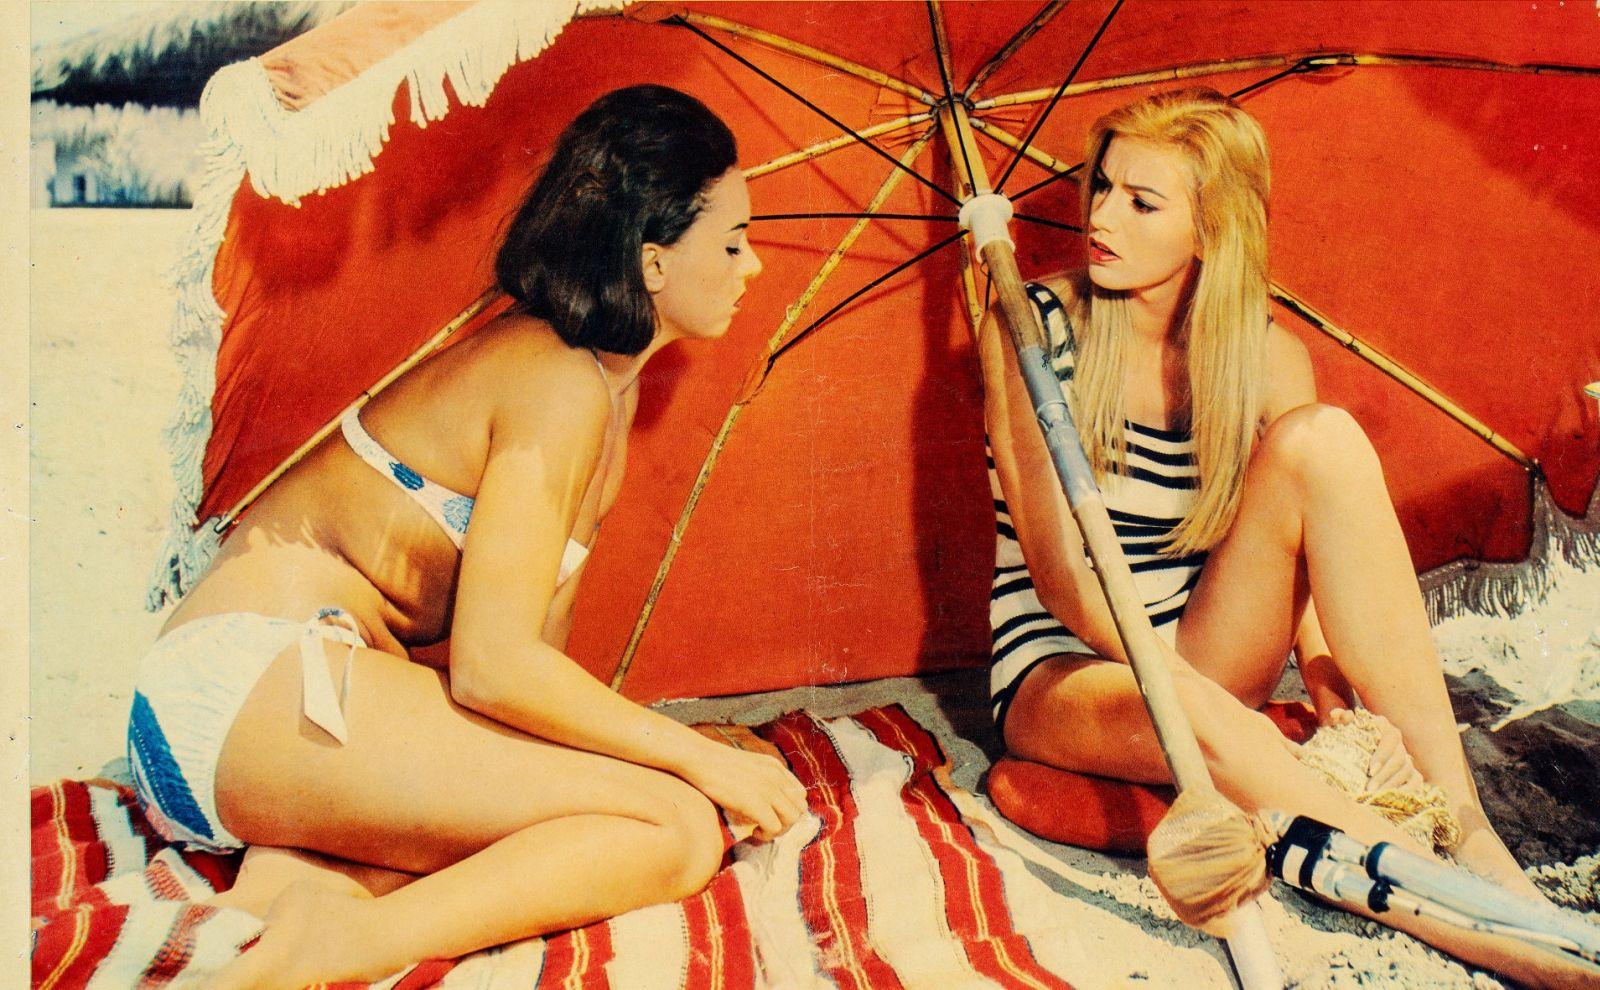 Tre notti d'amore, 1964 Regia Renato Castellani, fotobusta